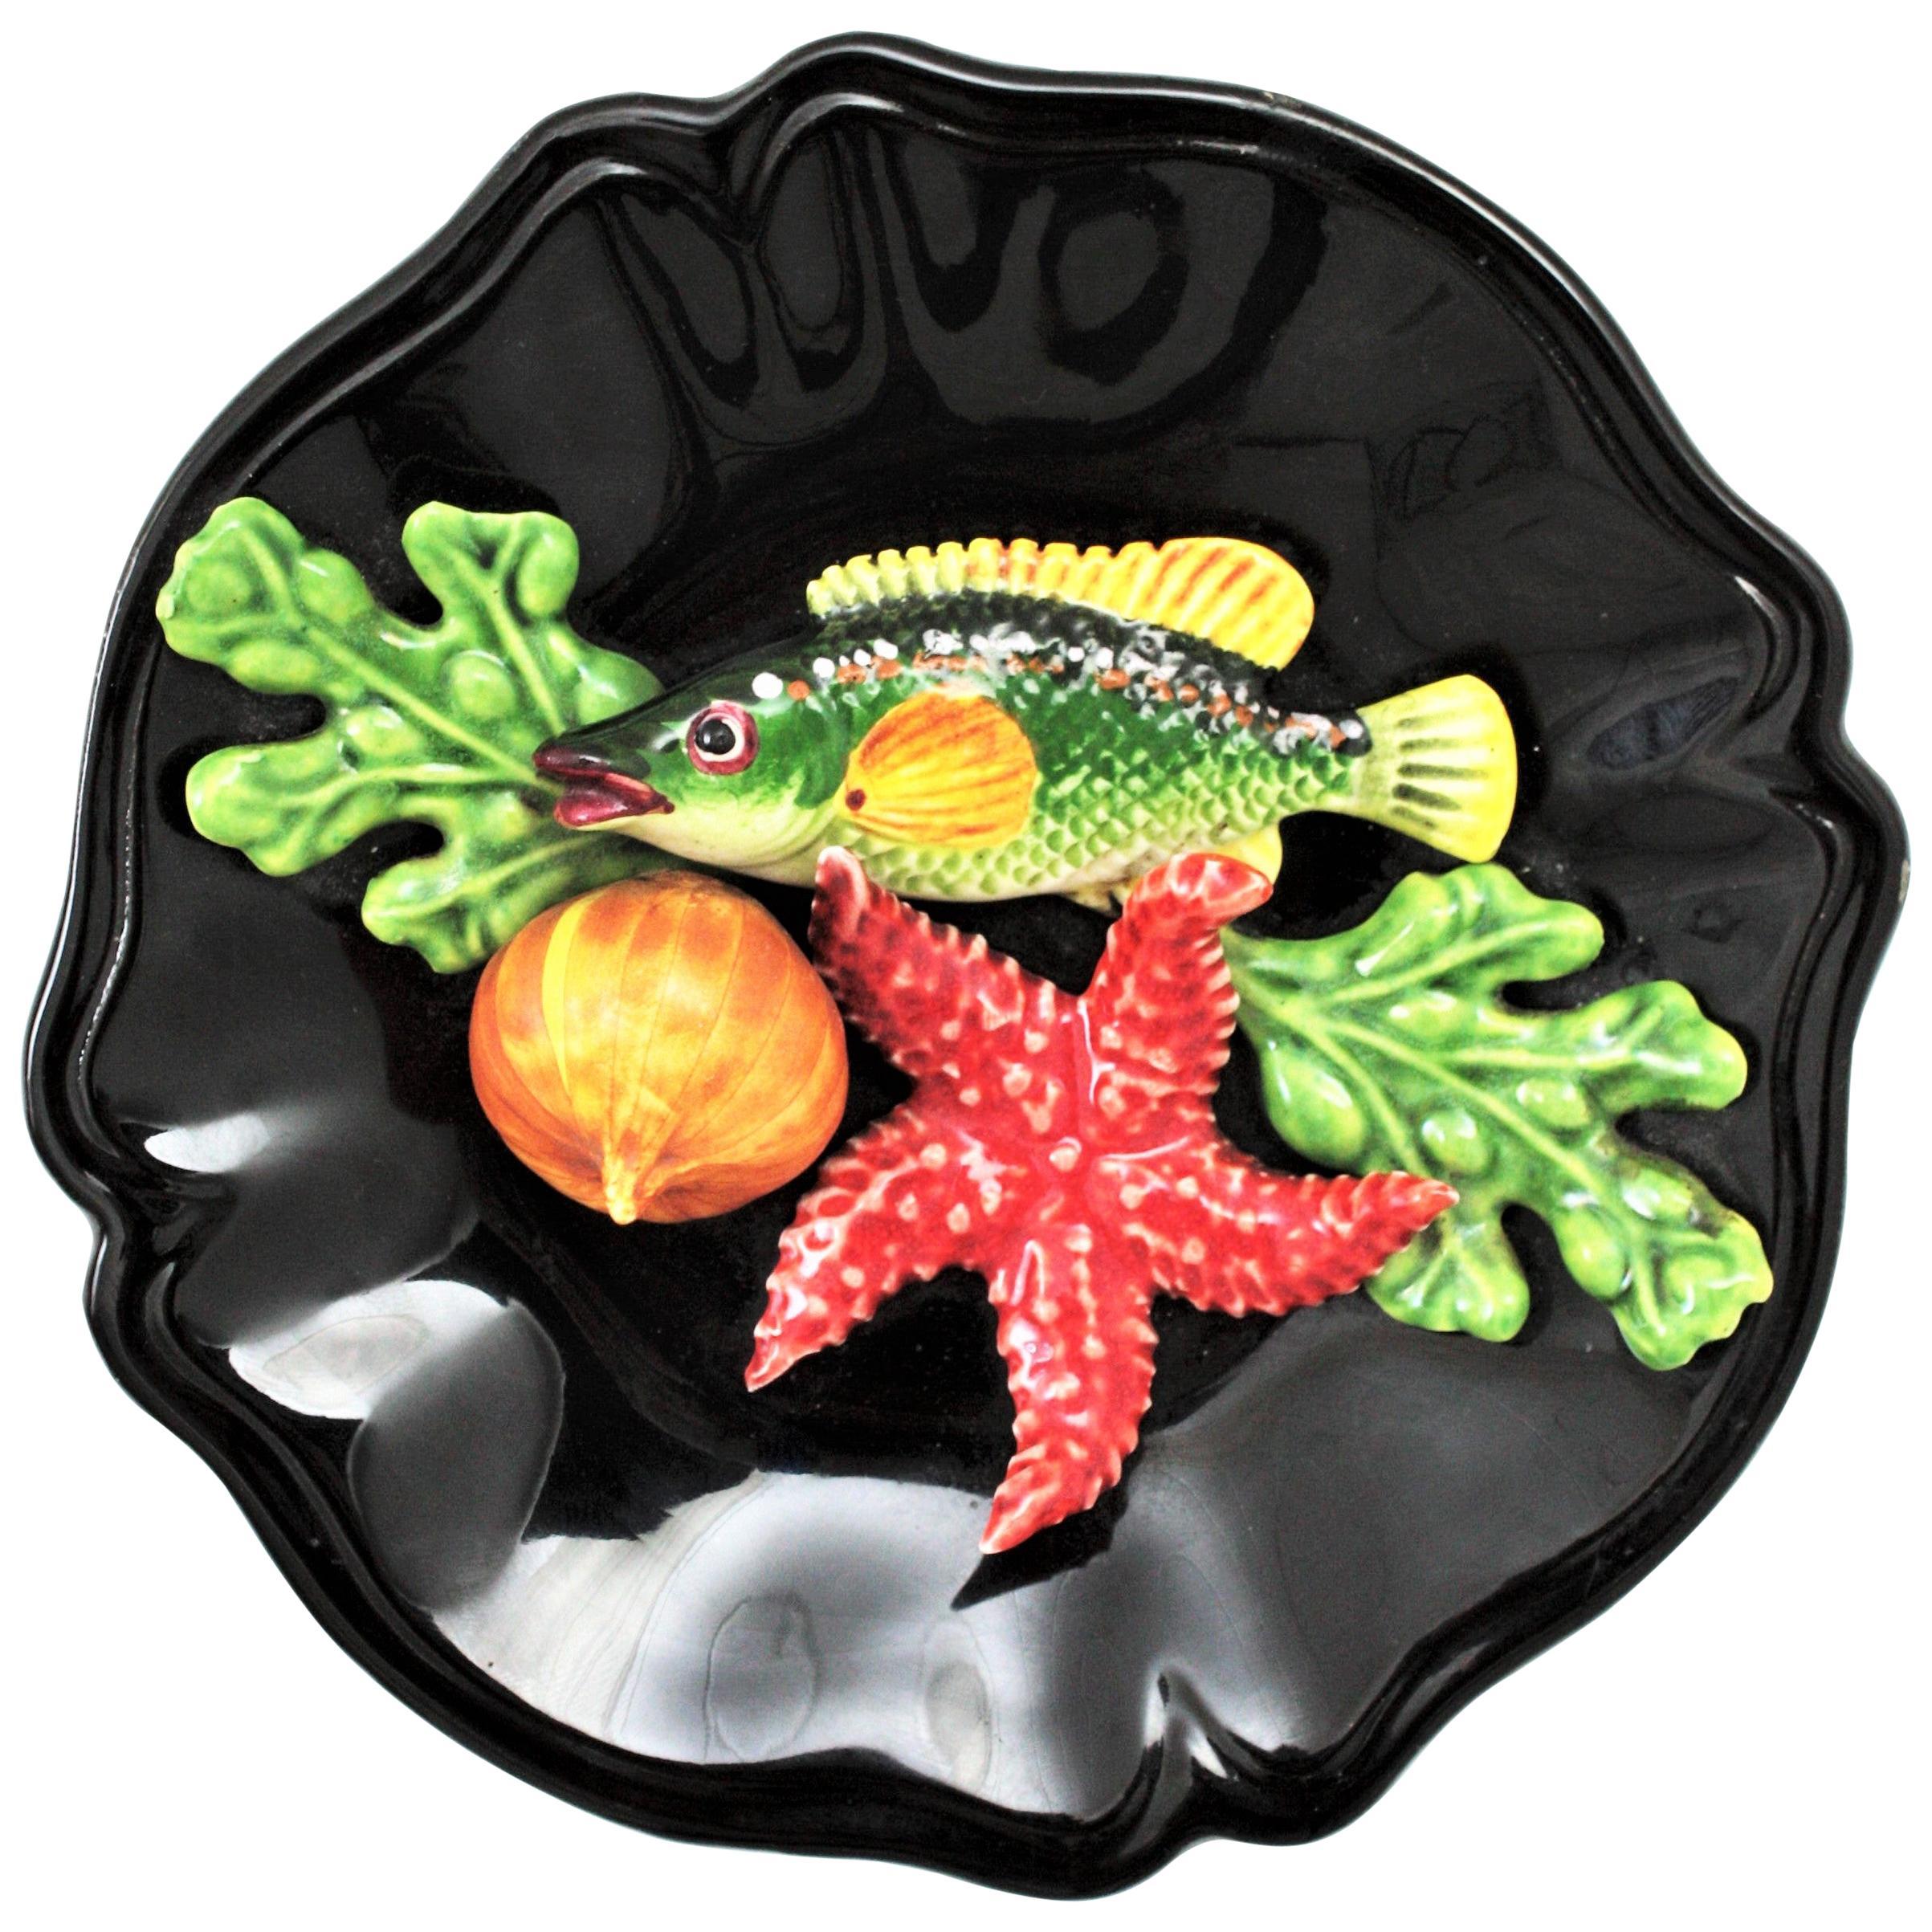 French Majolica Trompe L'oeil Vallauris Ceramic Small Seafood Decorative Plate